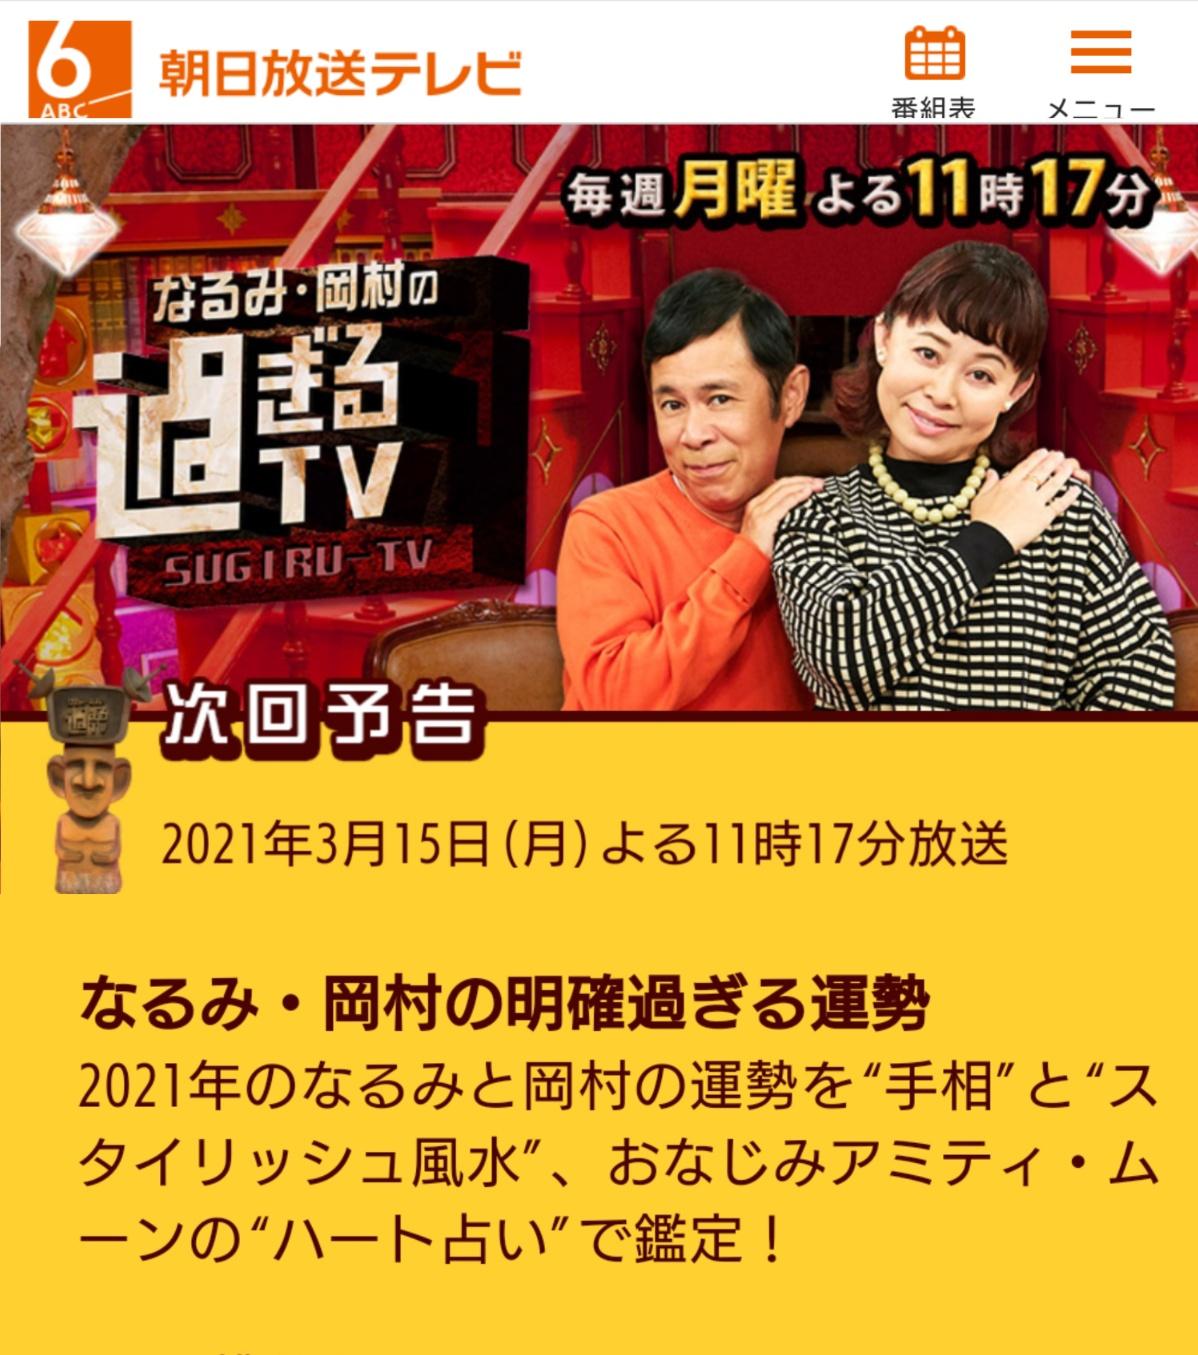 宙SORA風水「なるみ・岡村の過ぎるTV」(朝日放送)に出演します